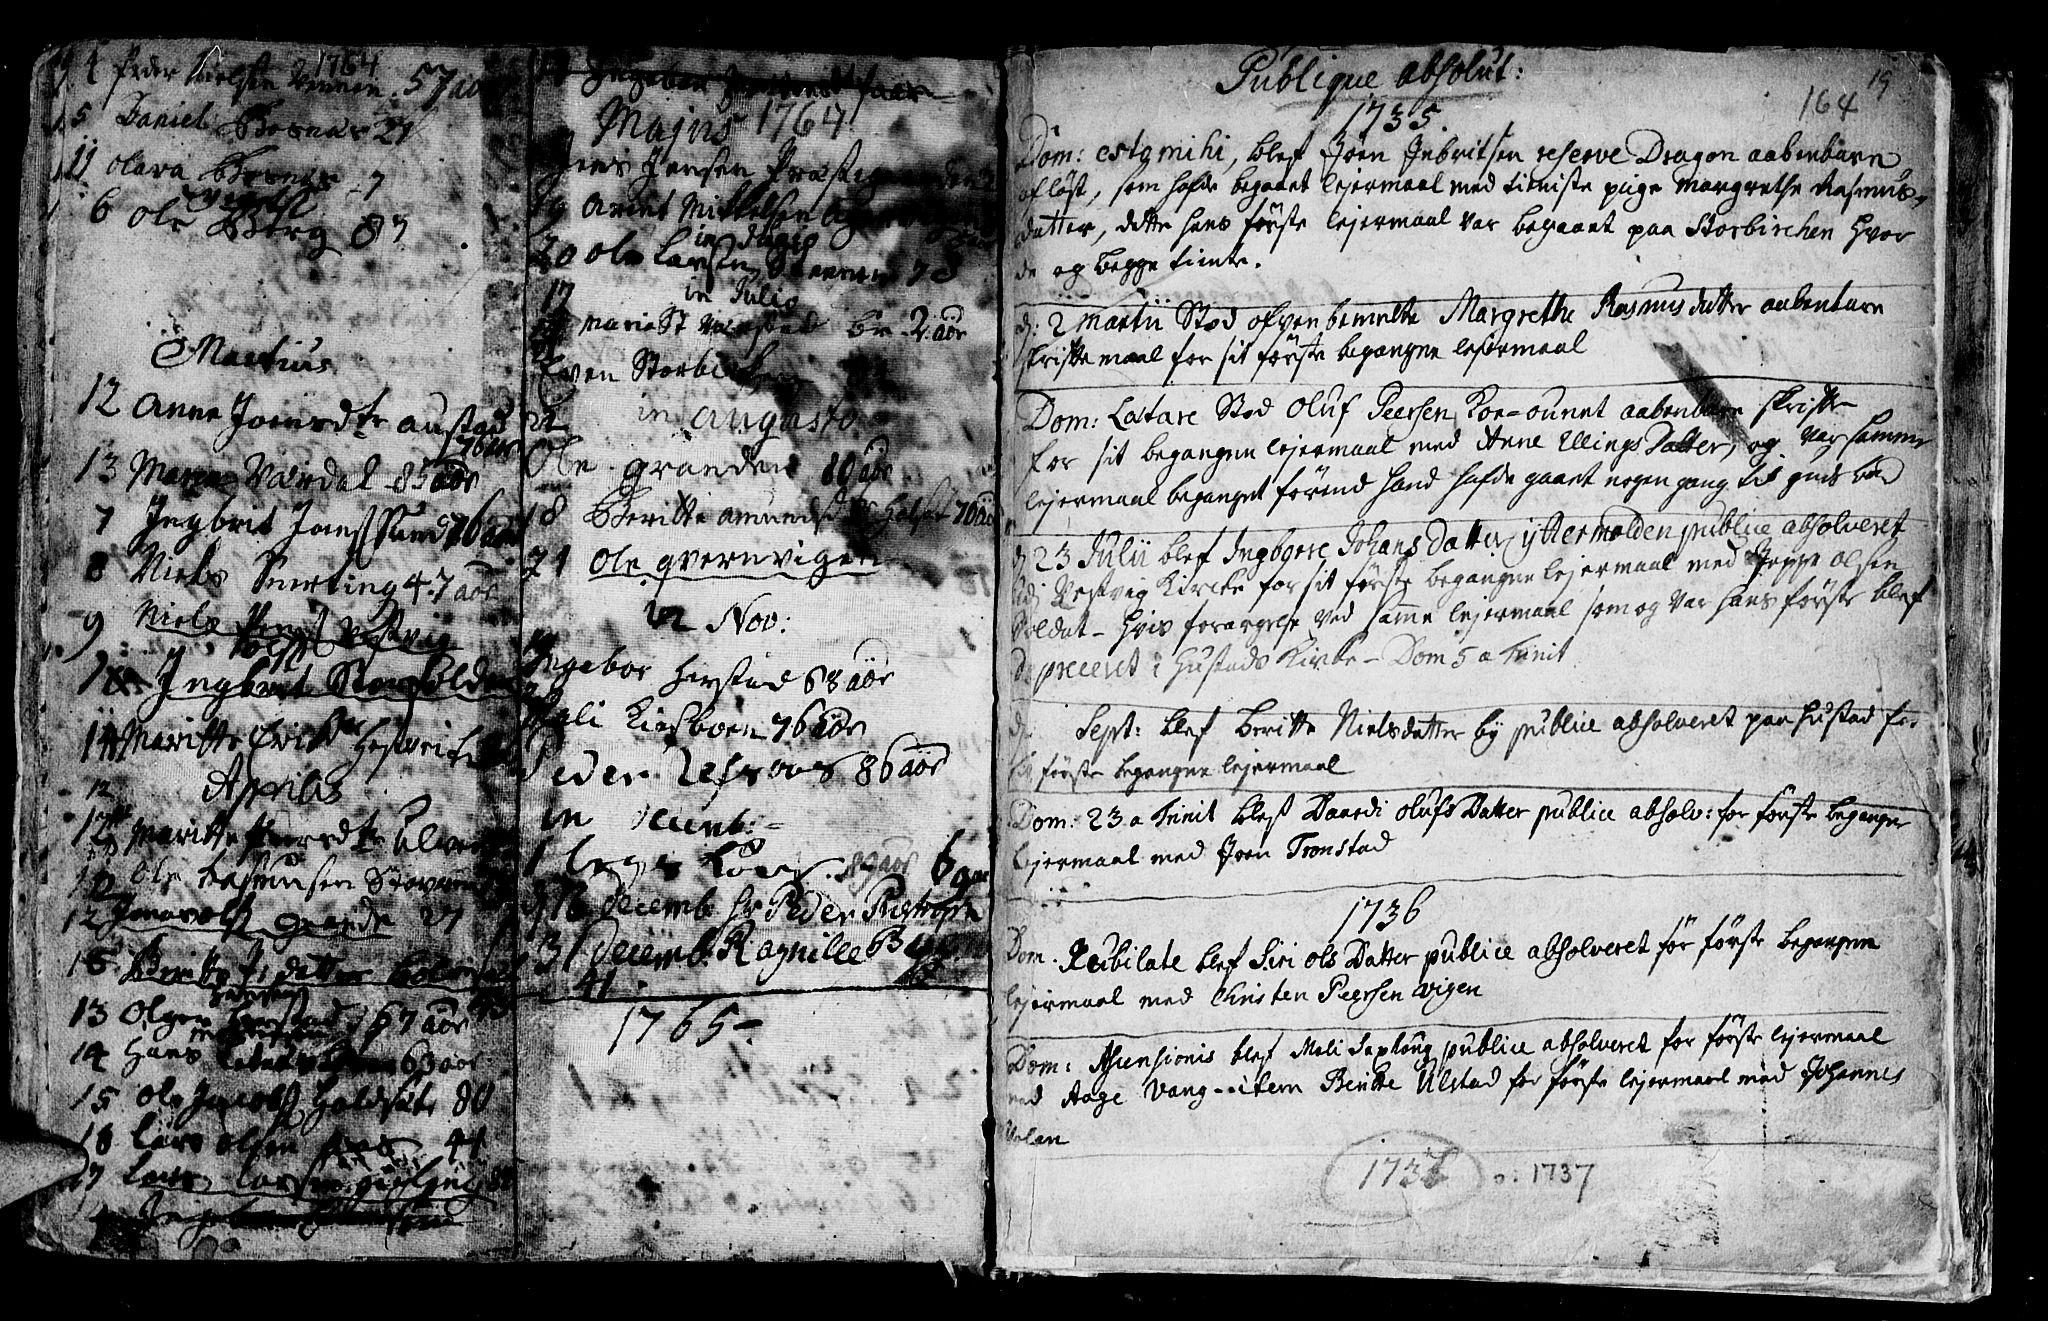 SAT, Ministerialprotokoller, klokkerbøker og fødselsregistre - Nord-Trøndelag, 730/L0272: Ministerialbok nr. 730A01, 1733-1764, s. 164